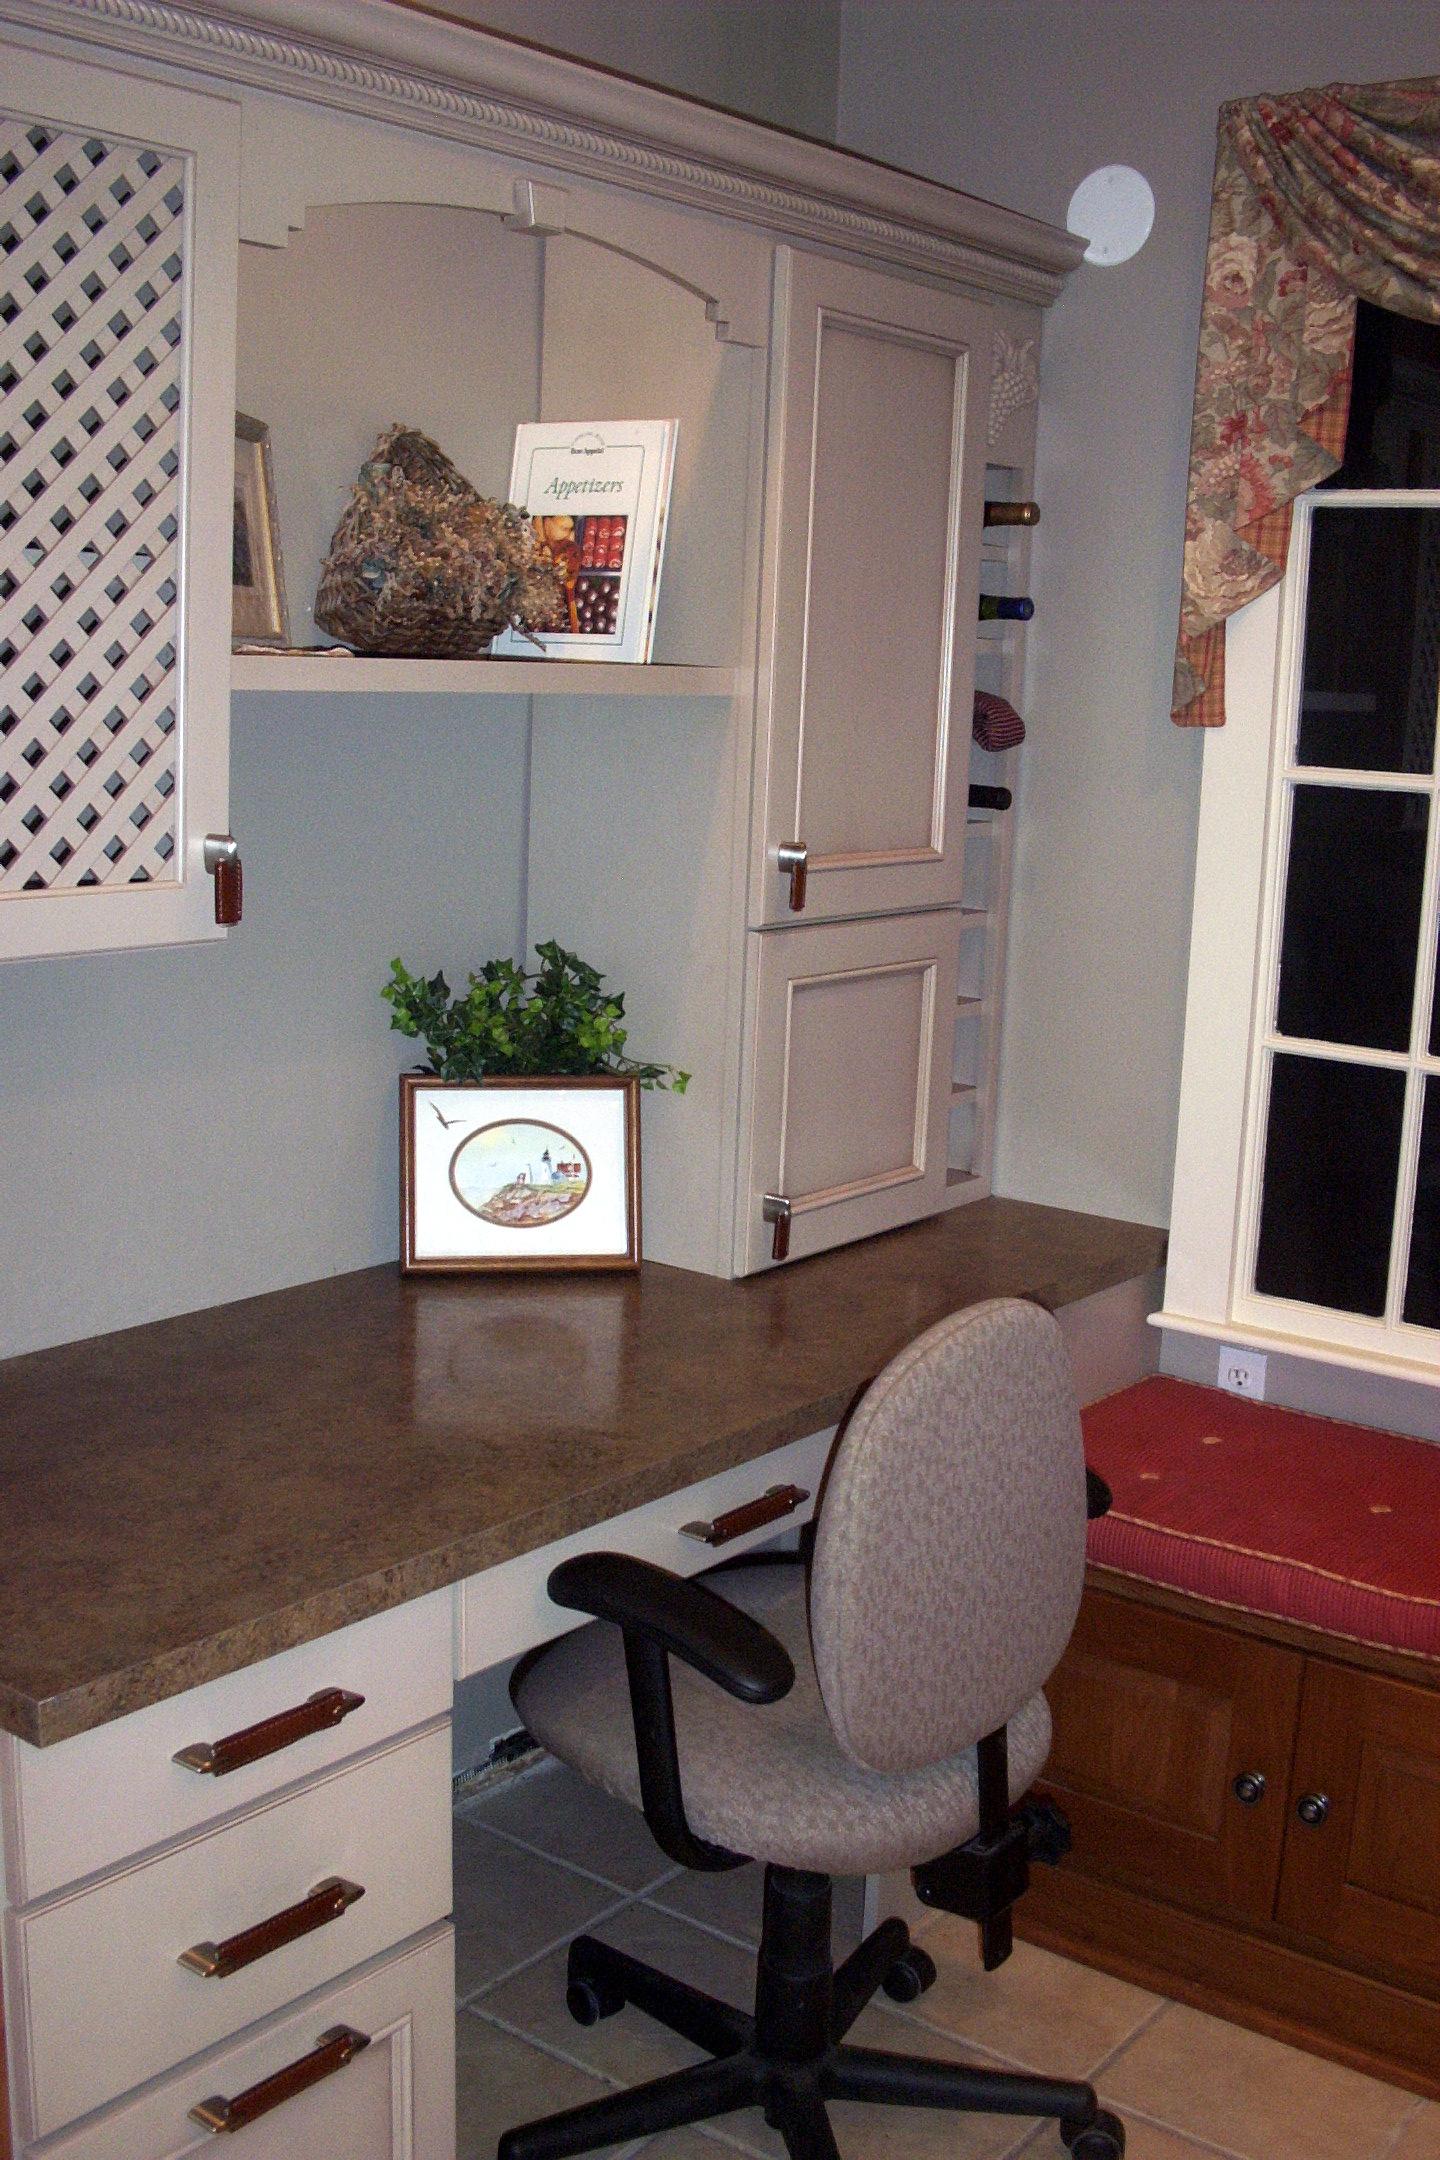 Showroom (Desk) 004